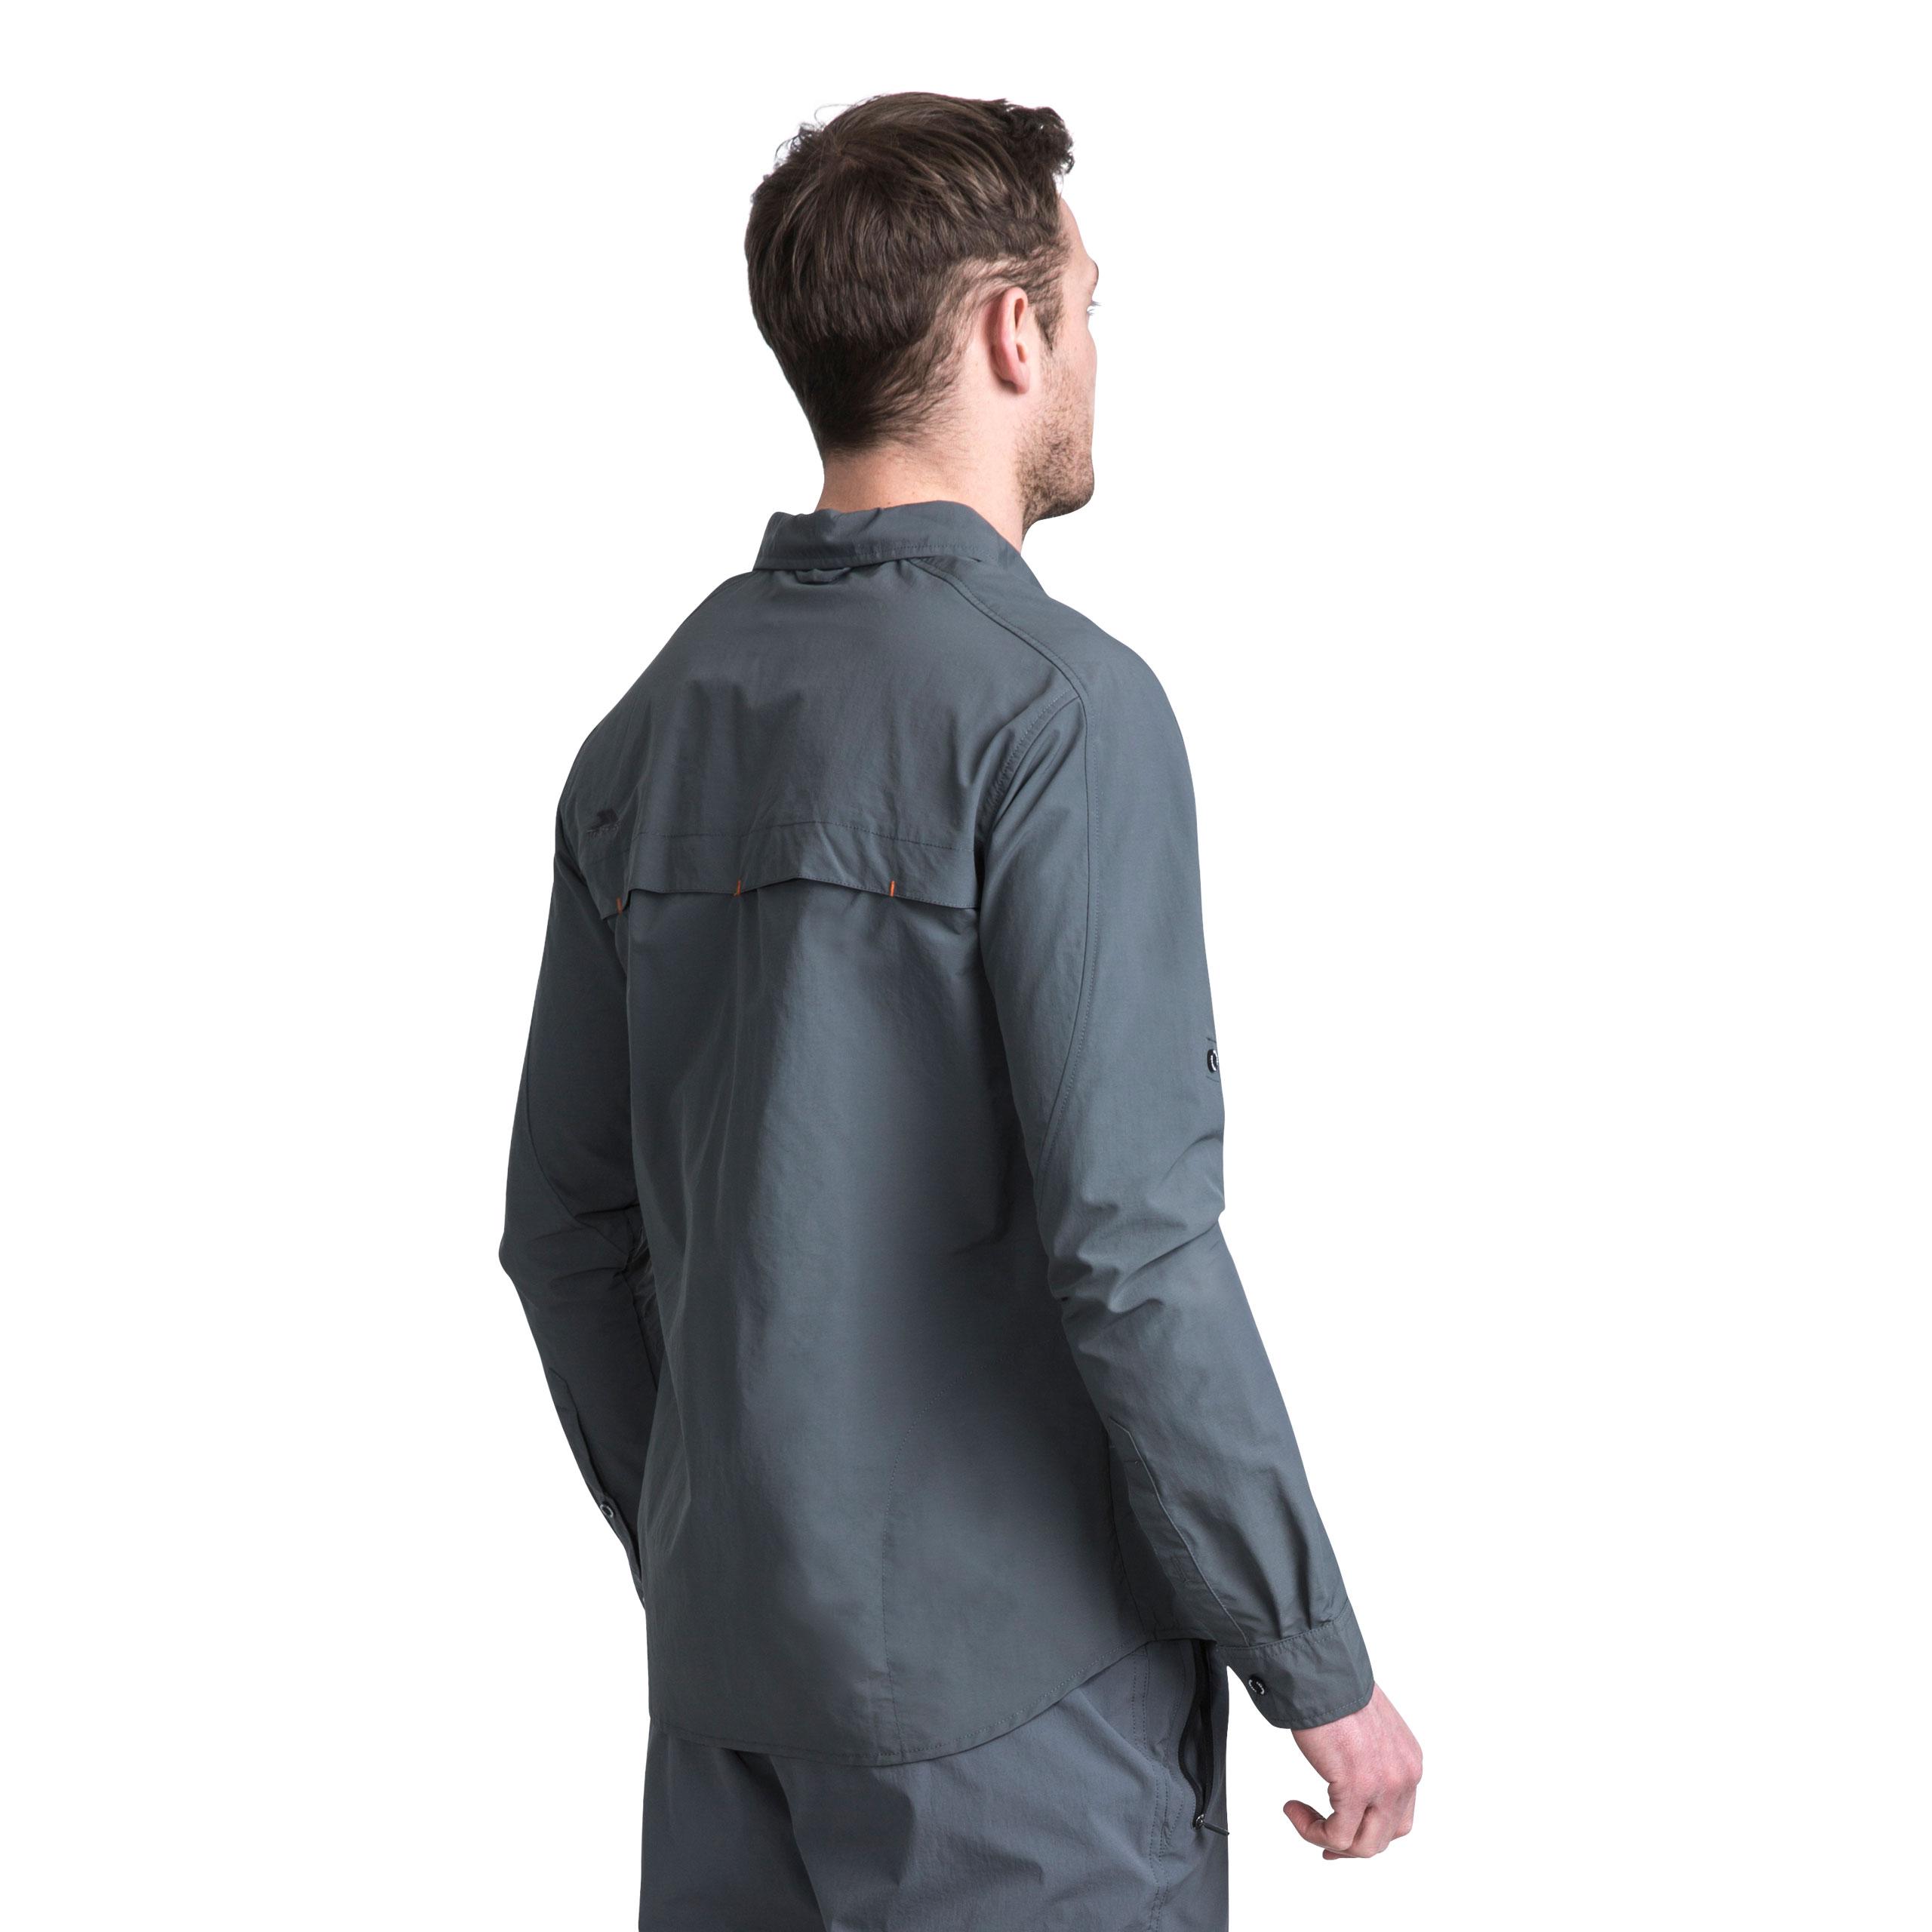 Trespass-Darnet-Camisa-Para-Hombre-Repelente-de-Mosquitos-Pesca-Camping-Jersey-de-manga-larga miniatura 16